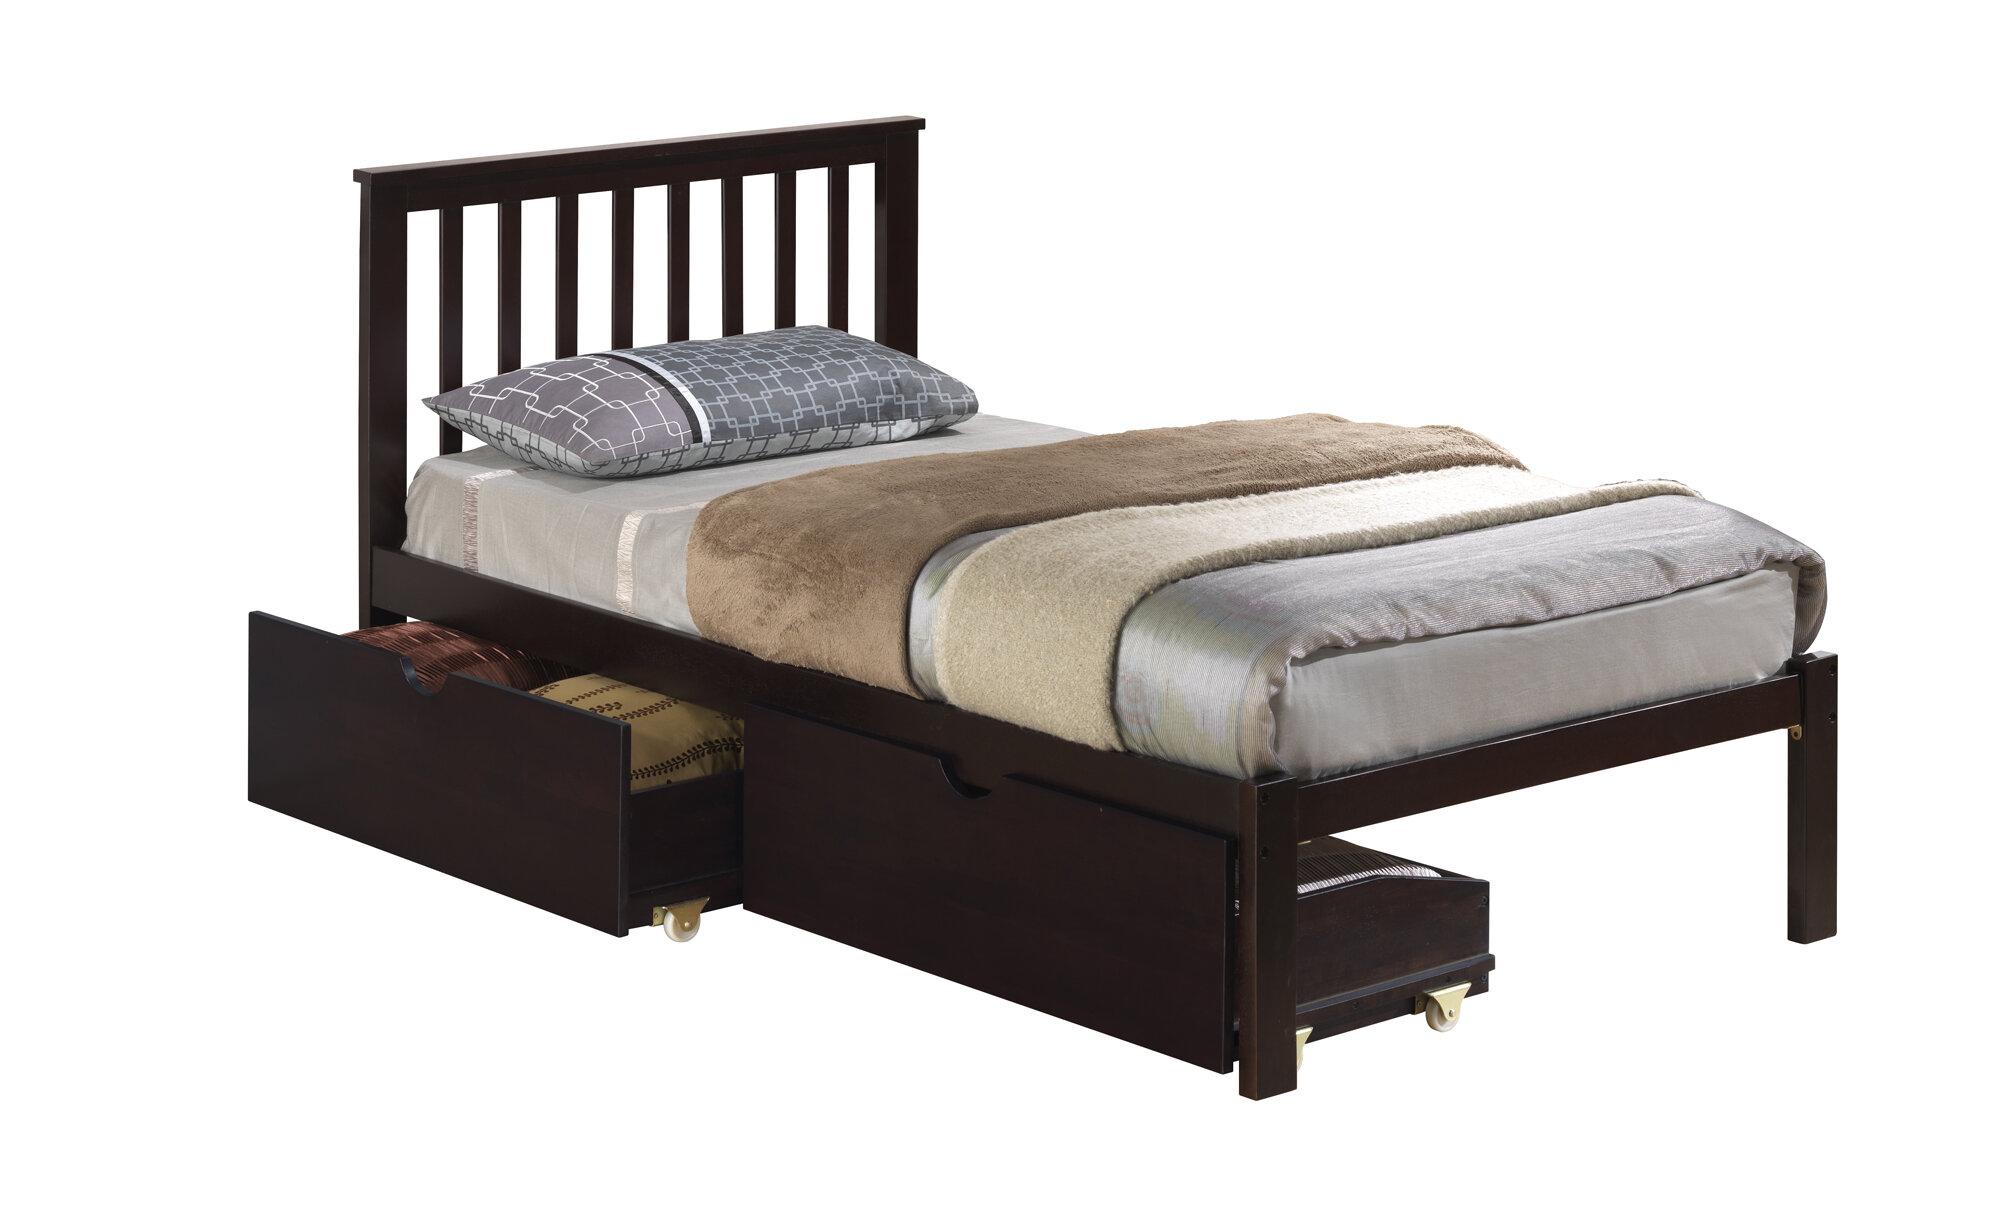 donco kids mission slat bed with dual underbed drawers ebay. Black Bedroom Furniture Sets. Home Design Ideas